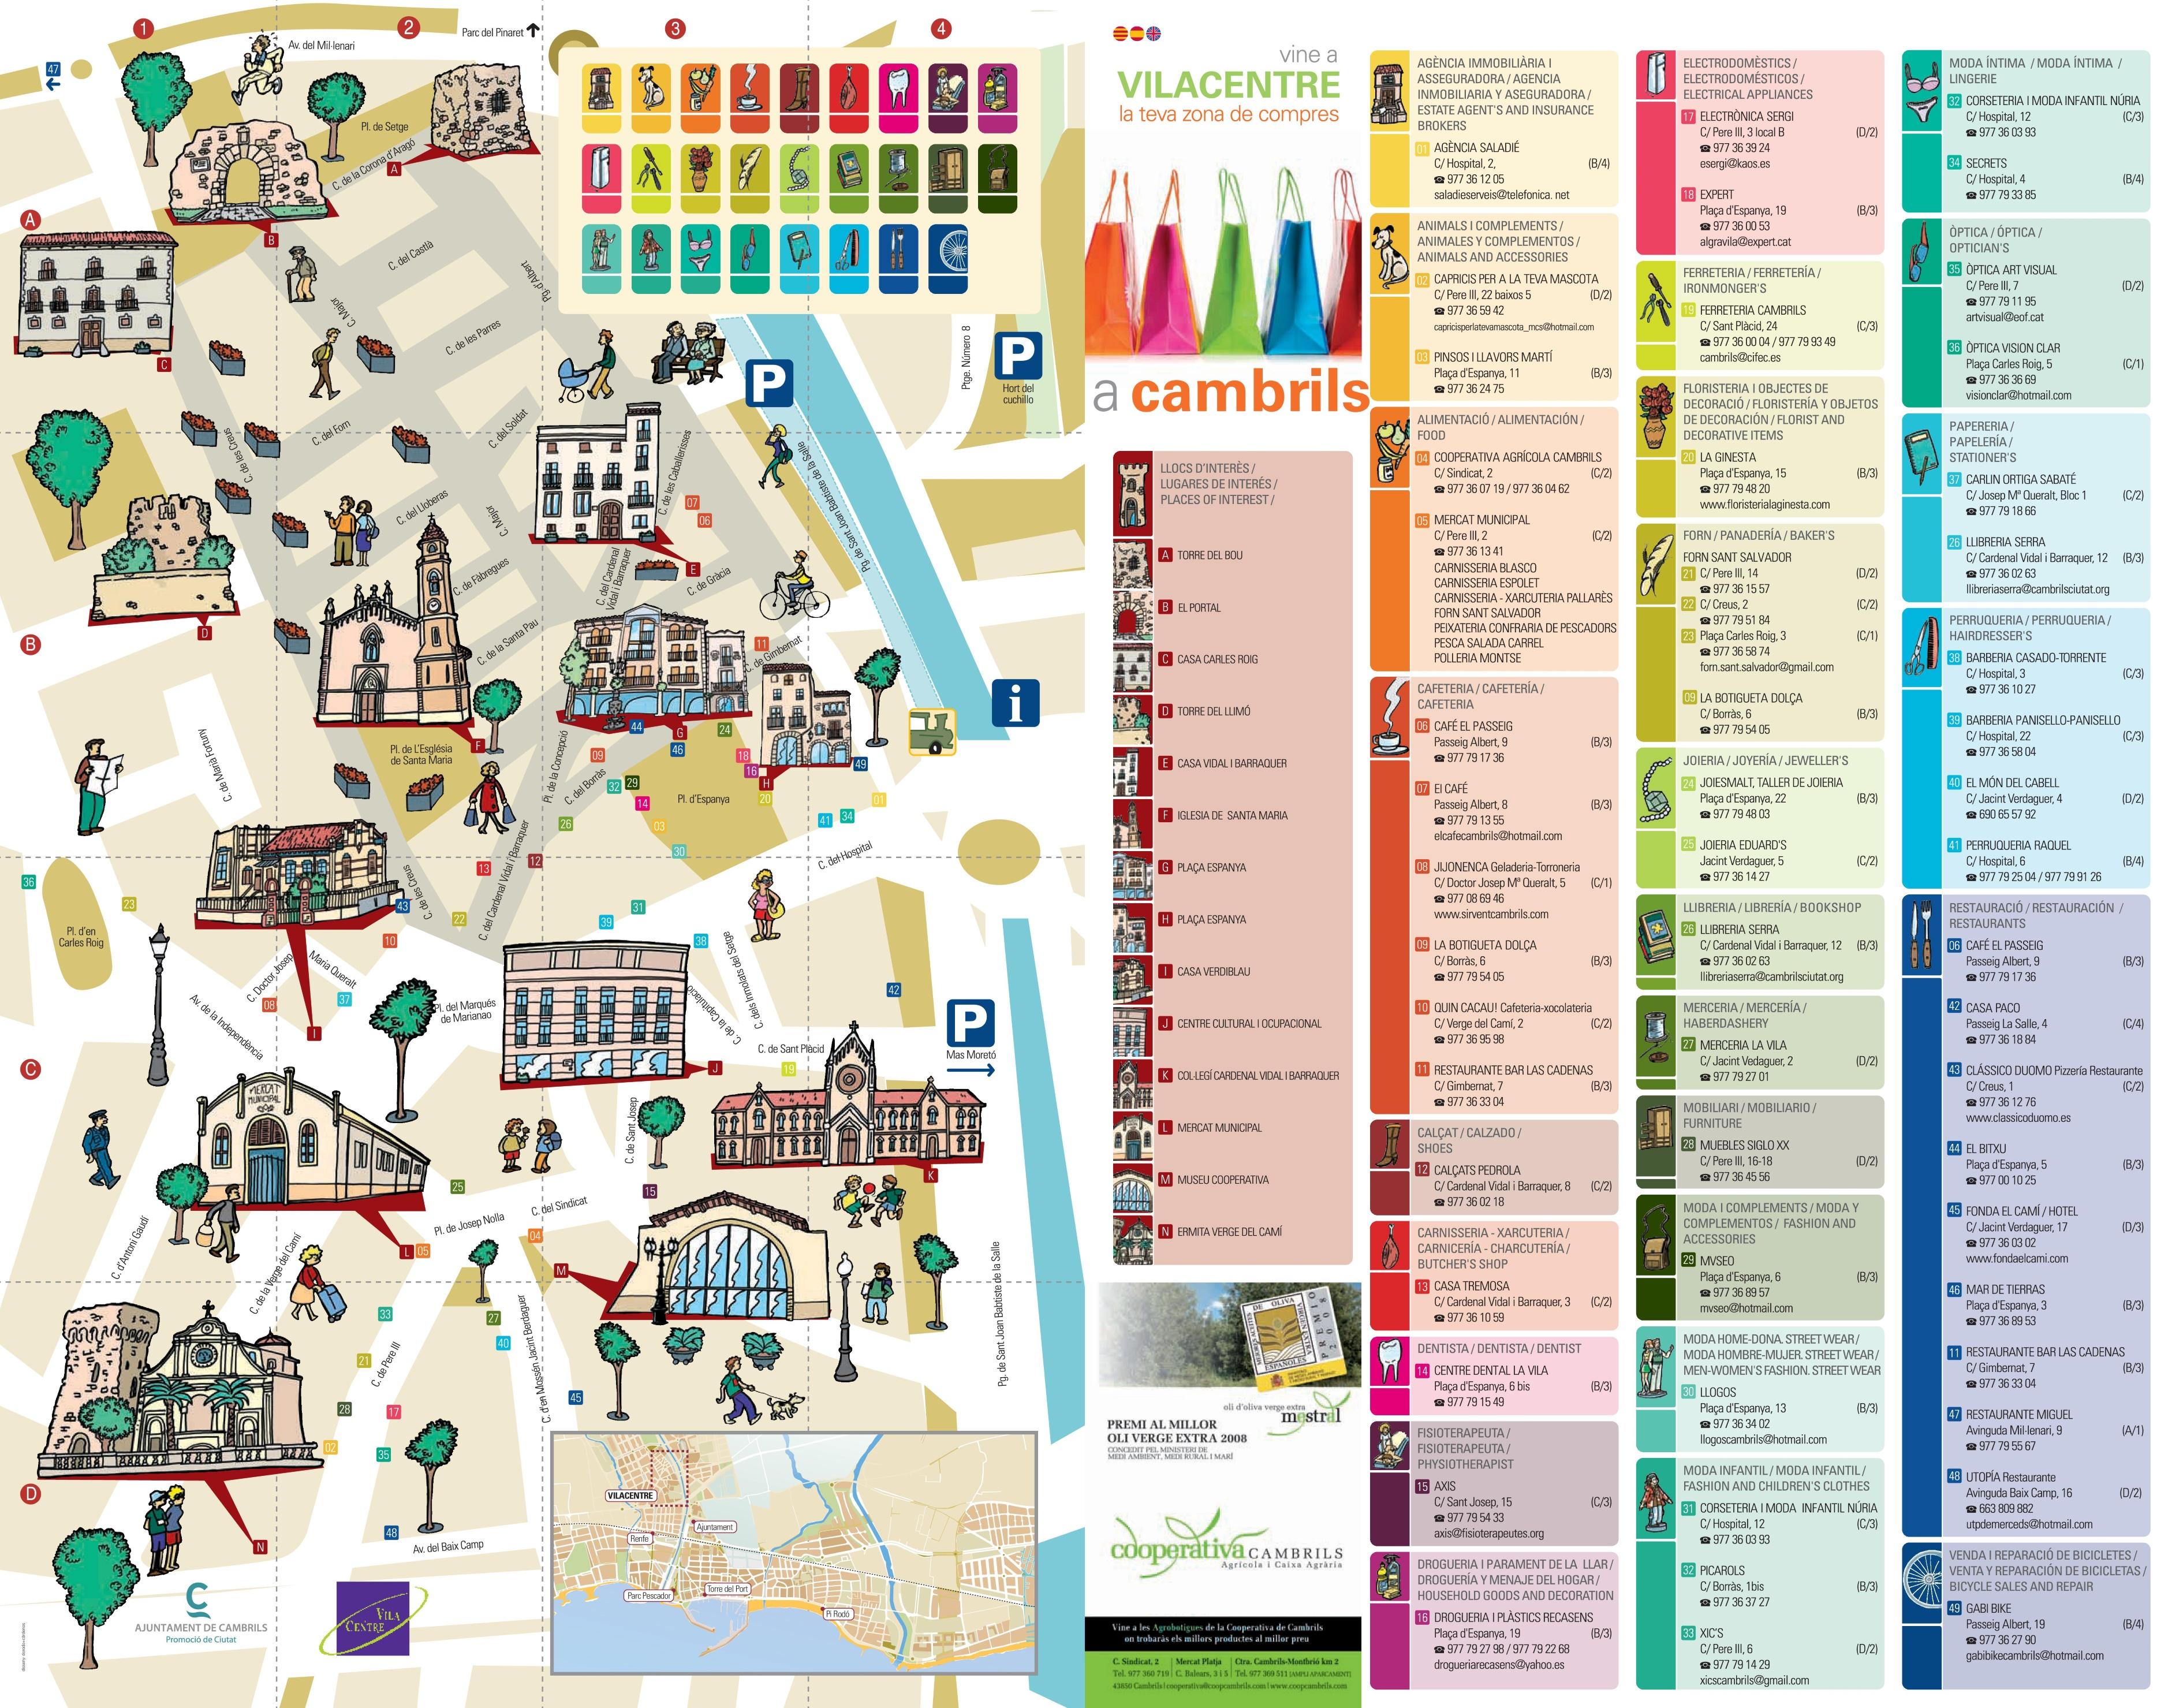 Cambrils tourist map